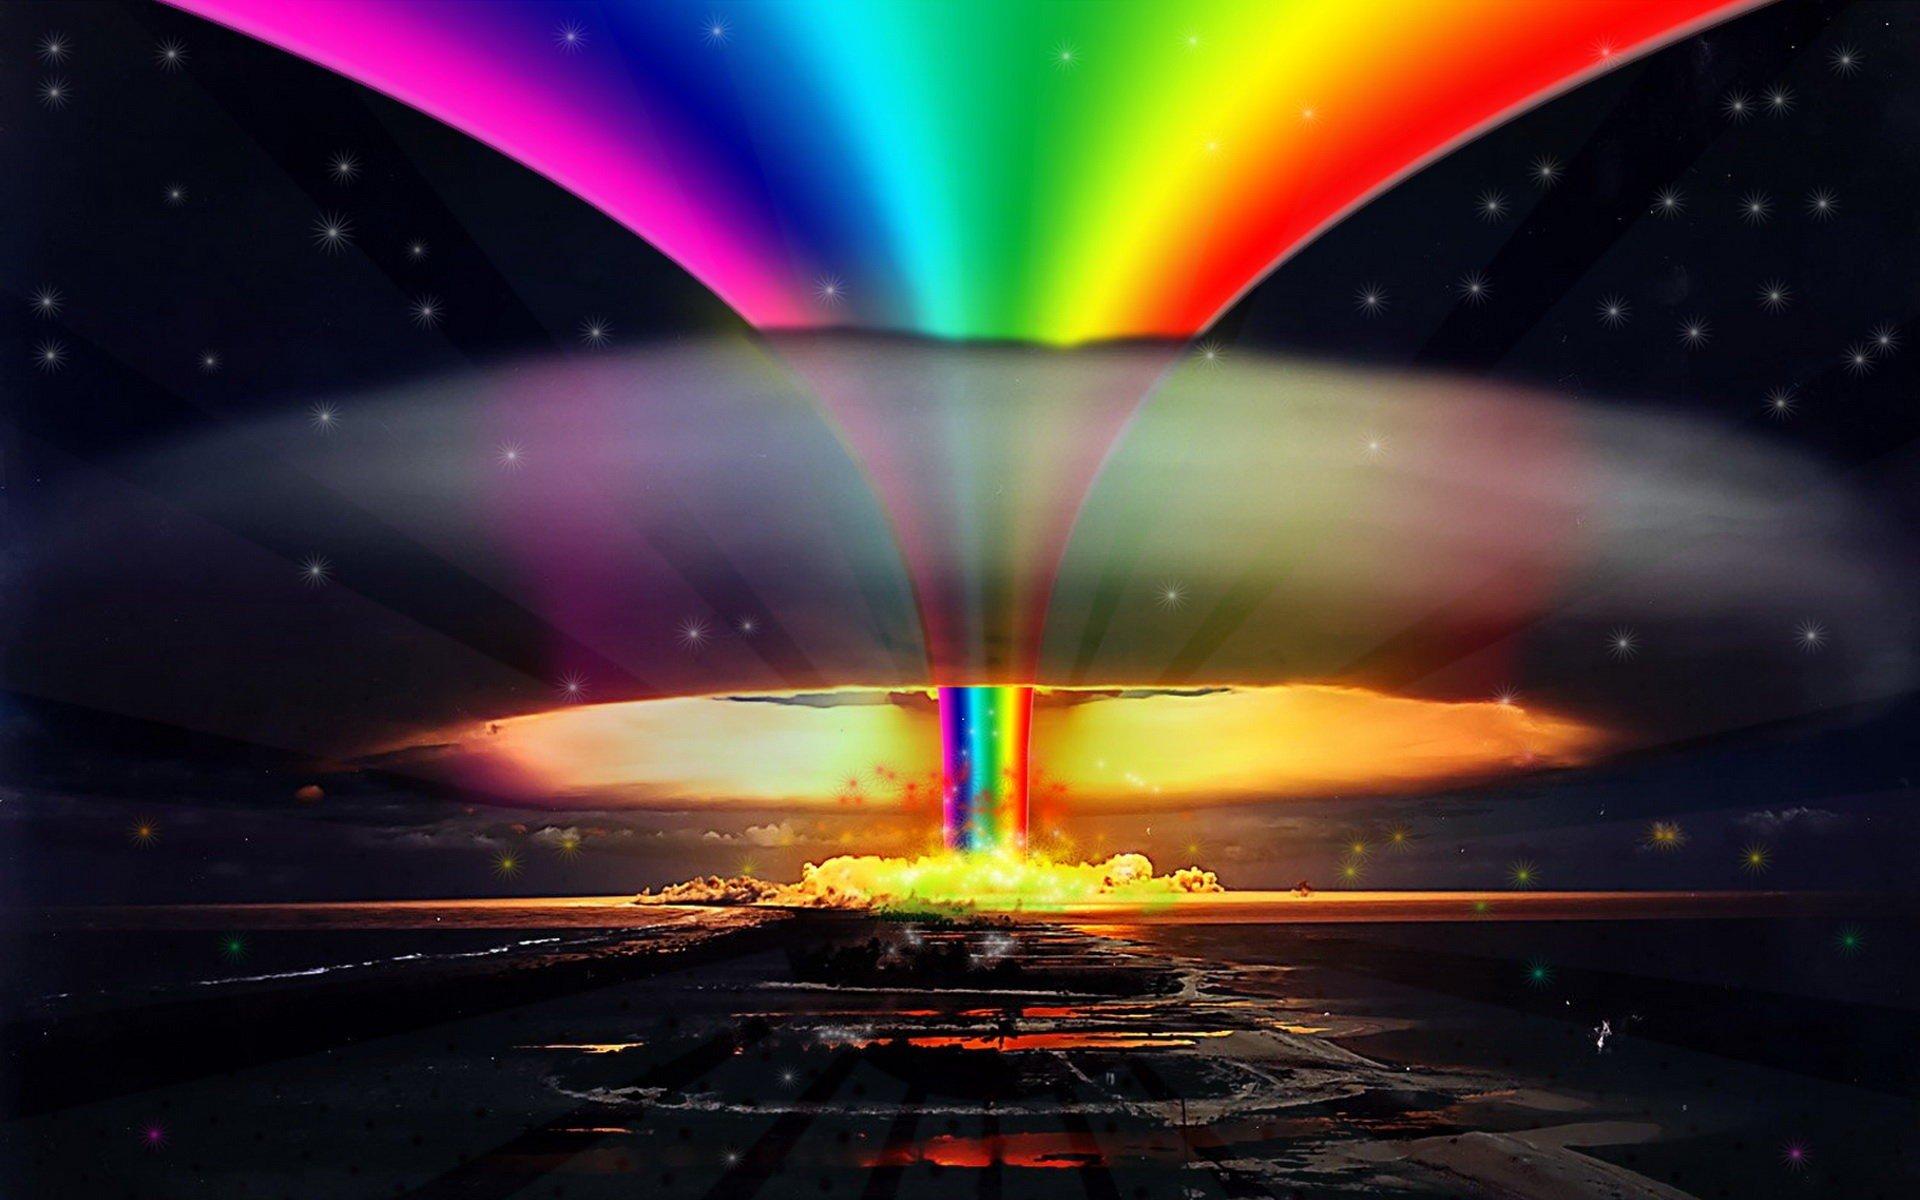 multicolor explosions pride rainbows selective coloring